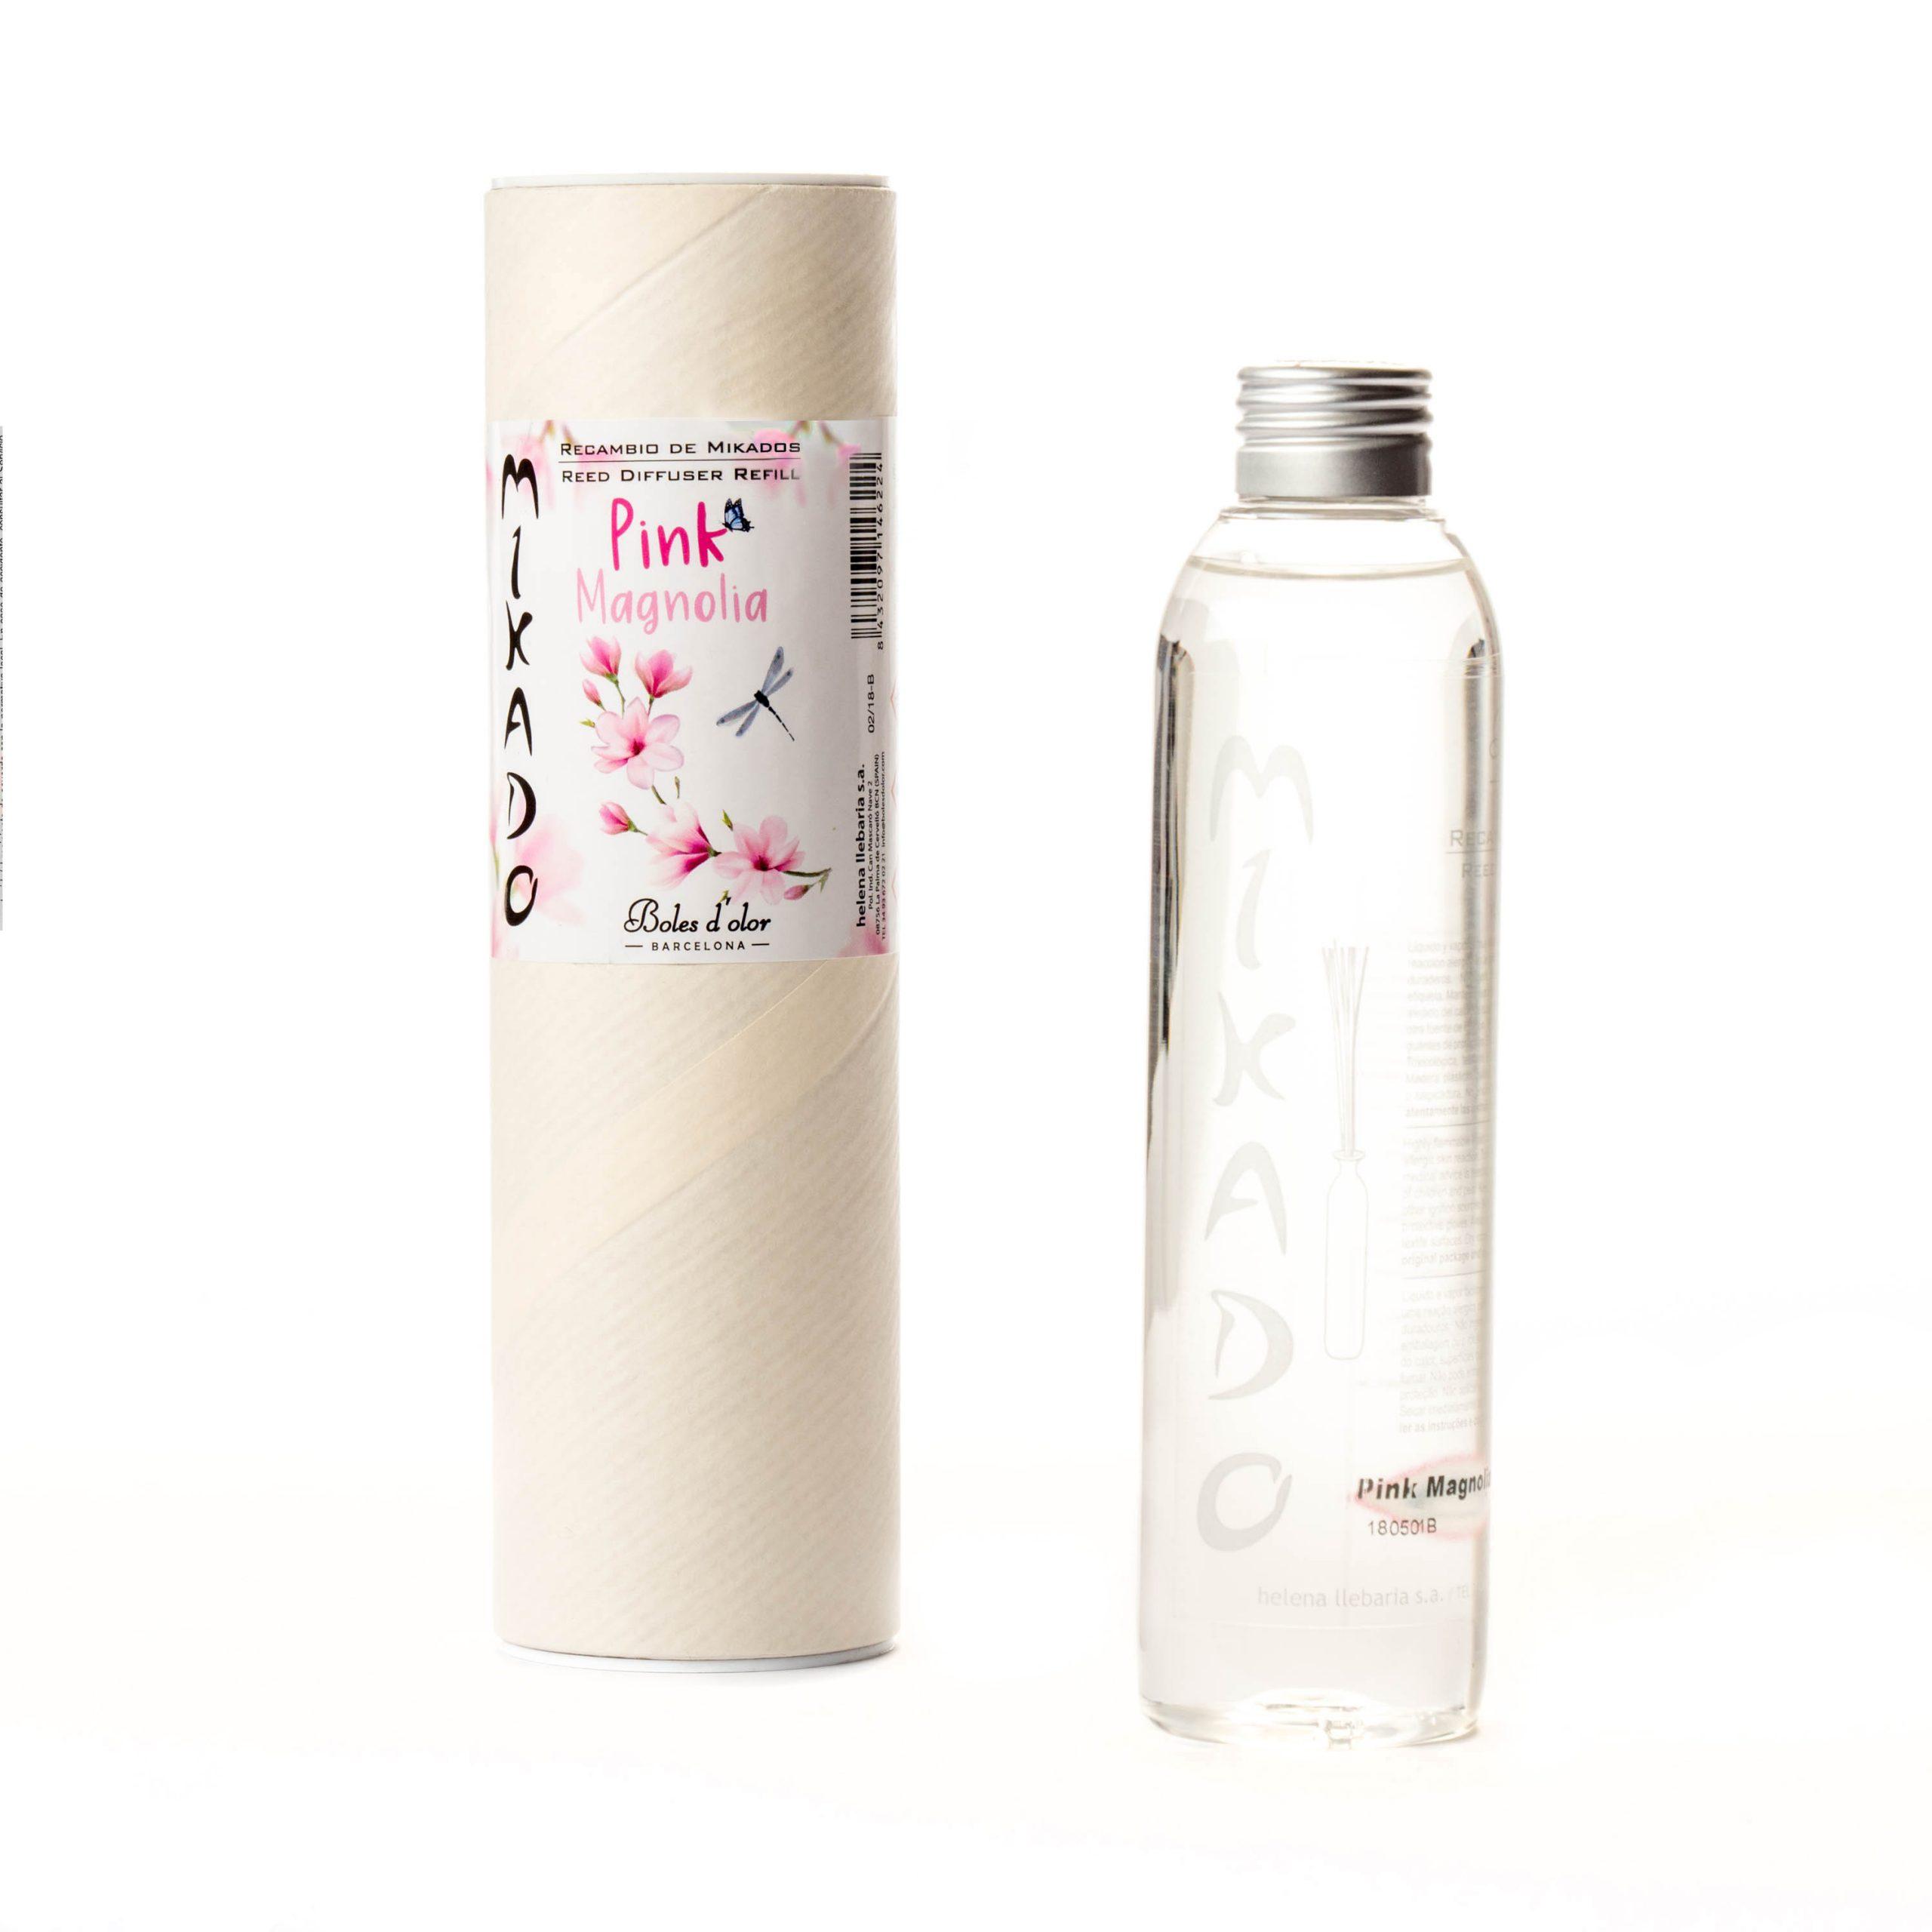 Recambio Mikado Ambients - Pink Magnolia + Rattan